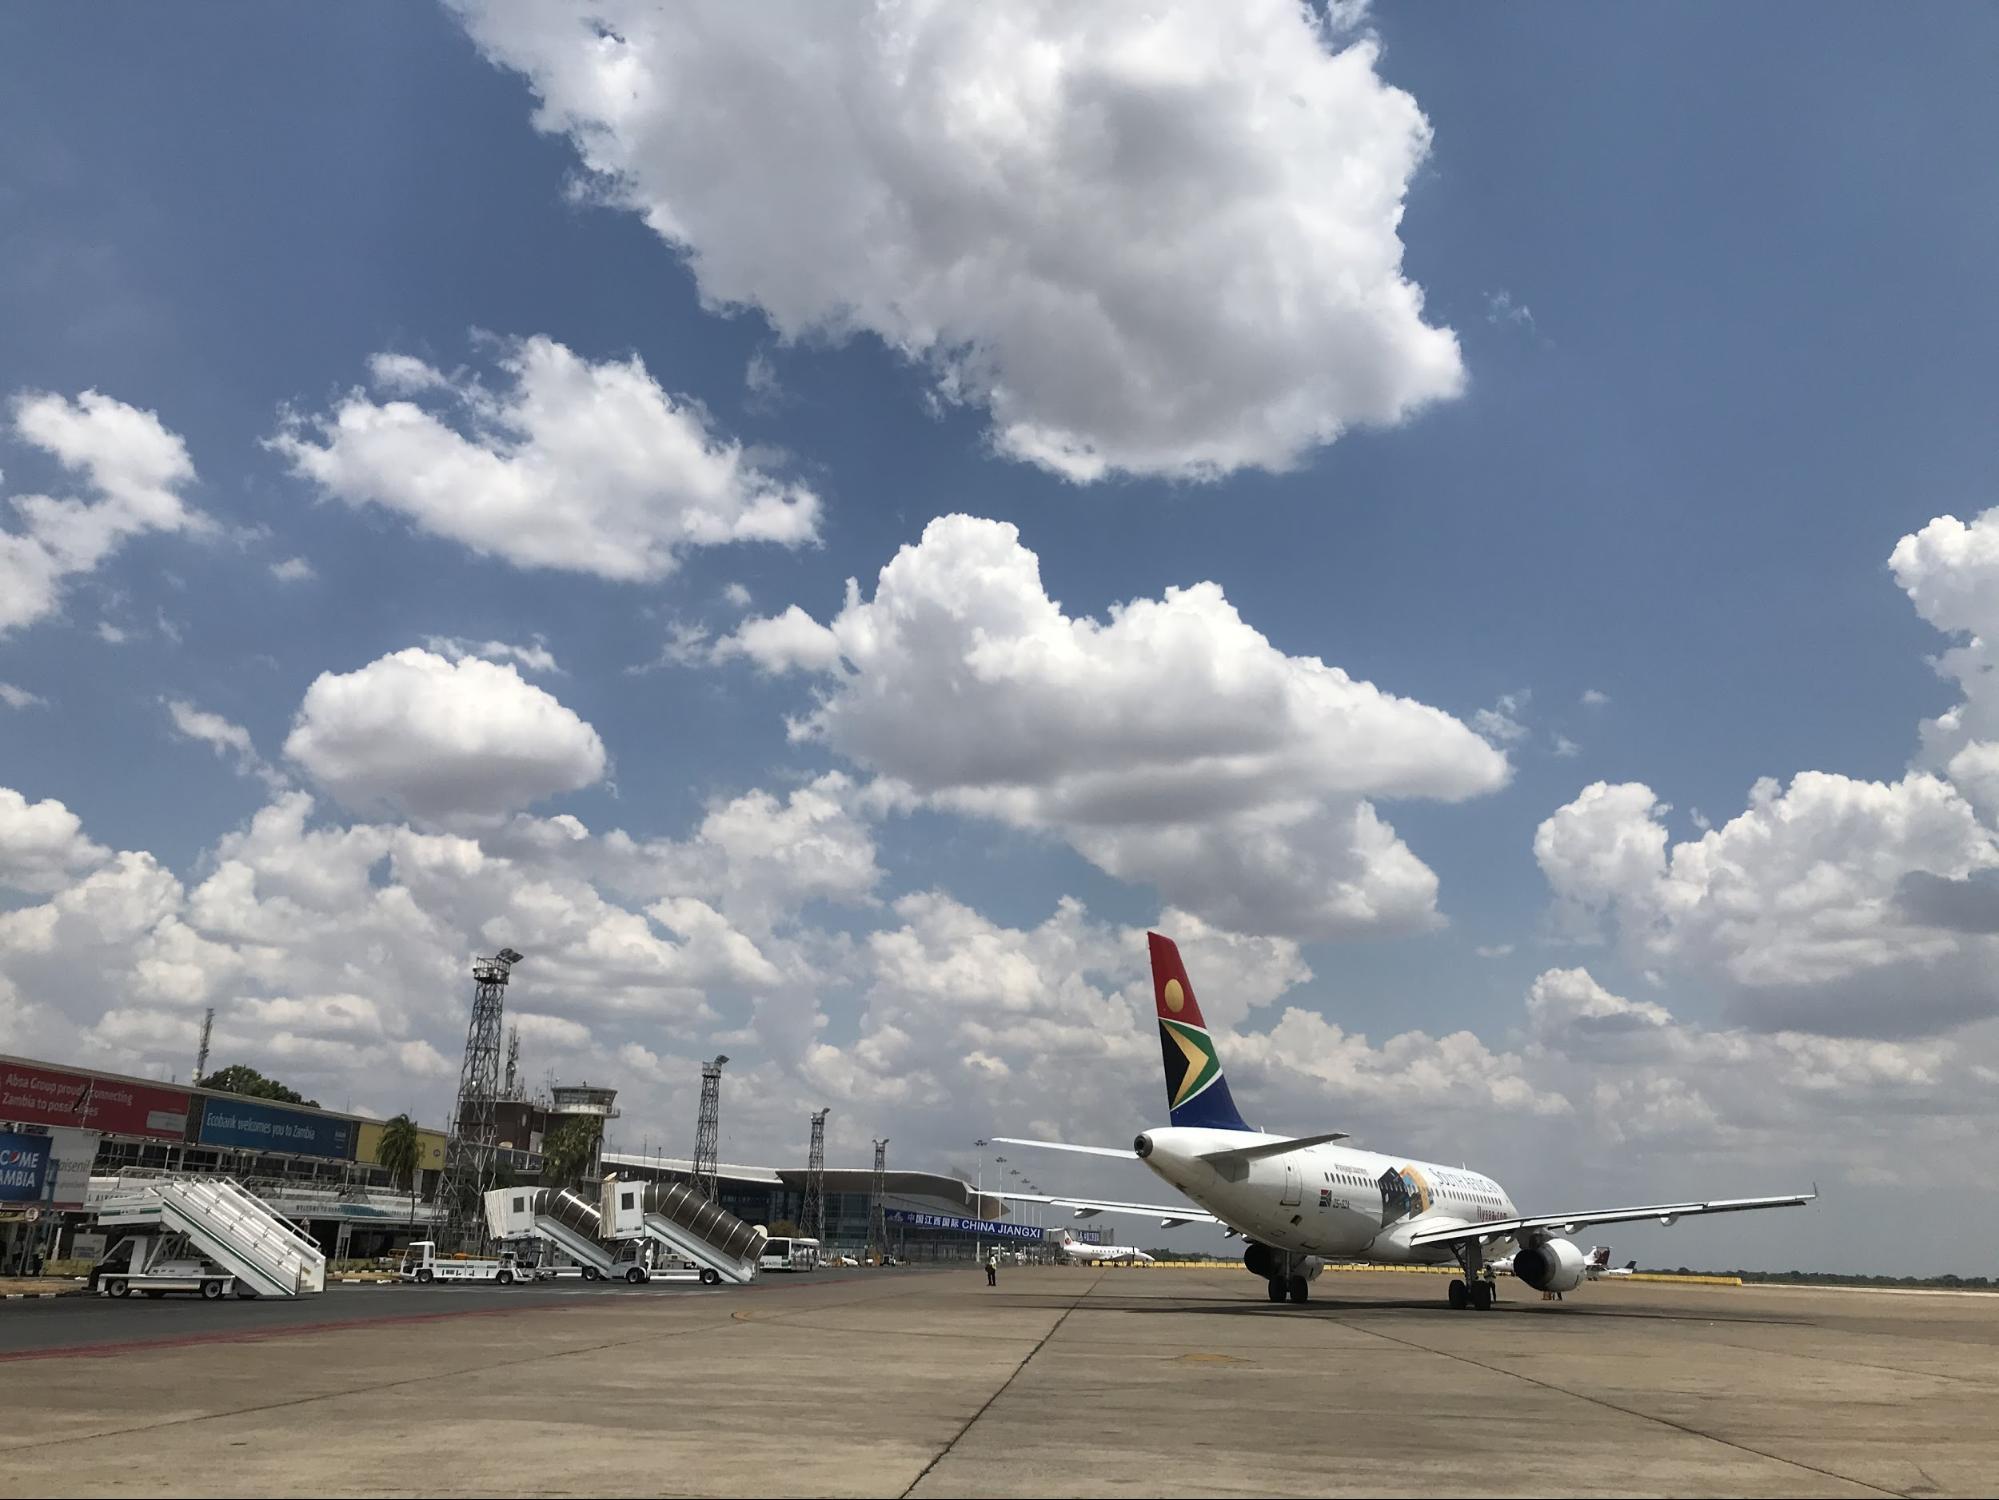 ただただ広い空港。遠くに建設中の中国資本の新しいターミナルが見える。